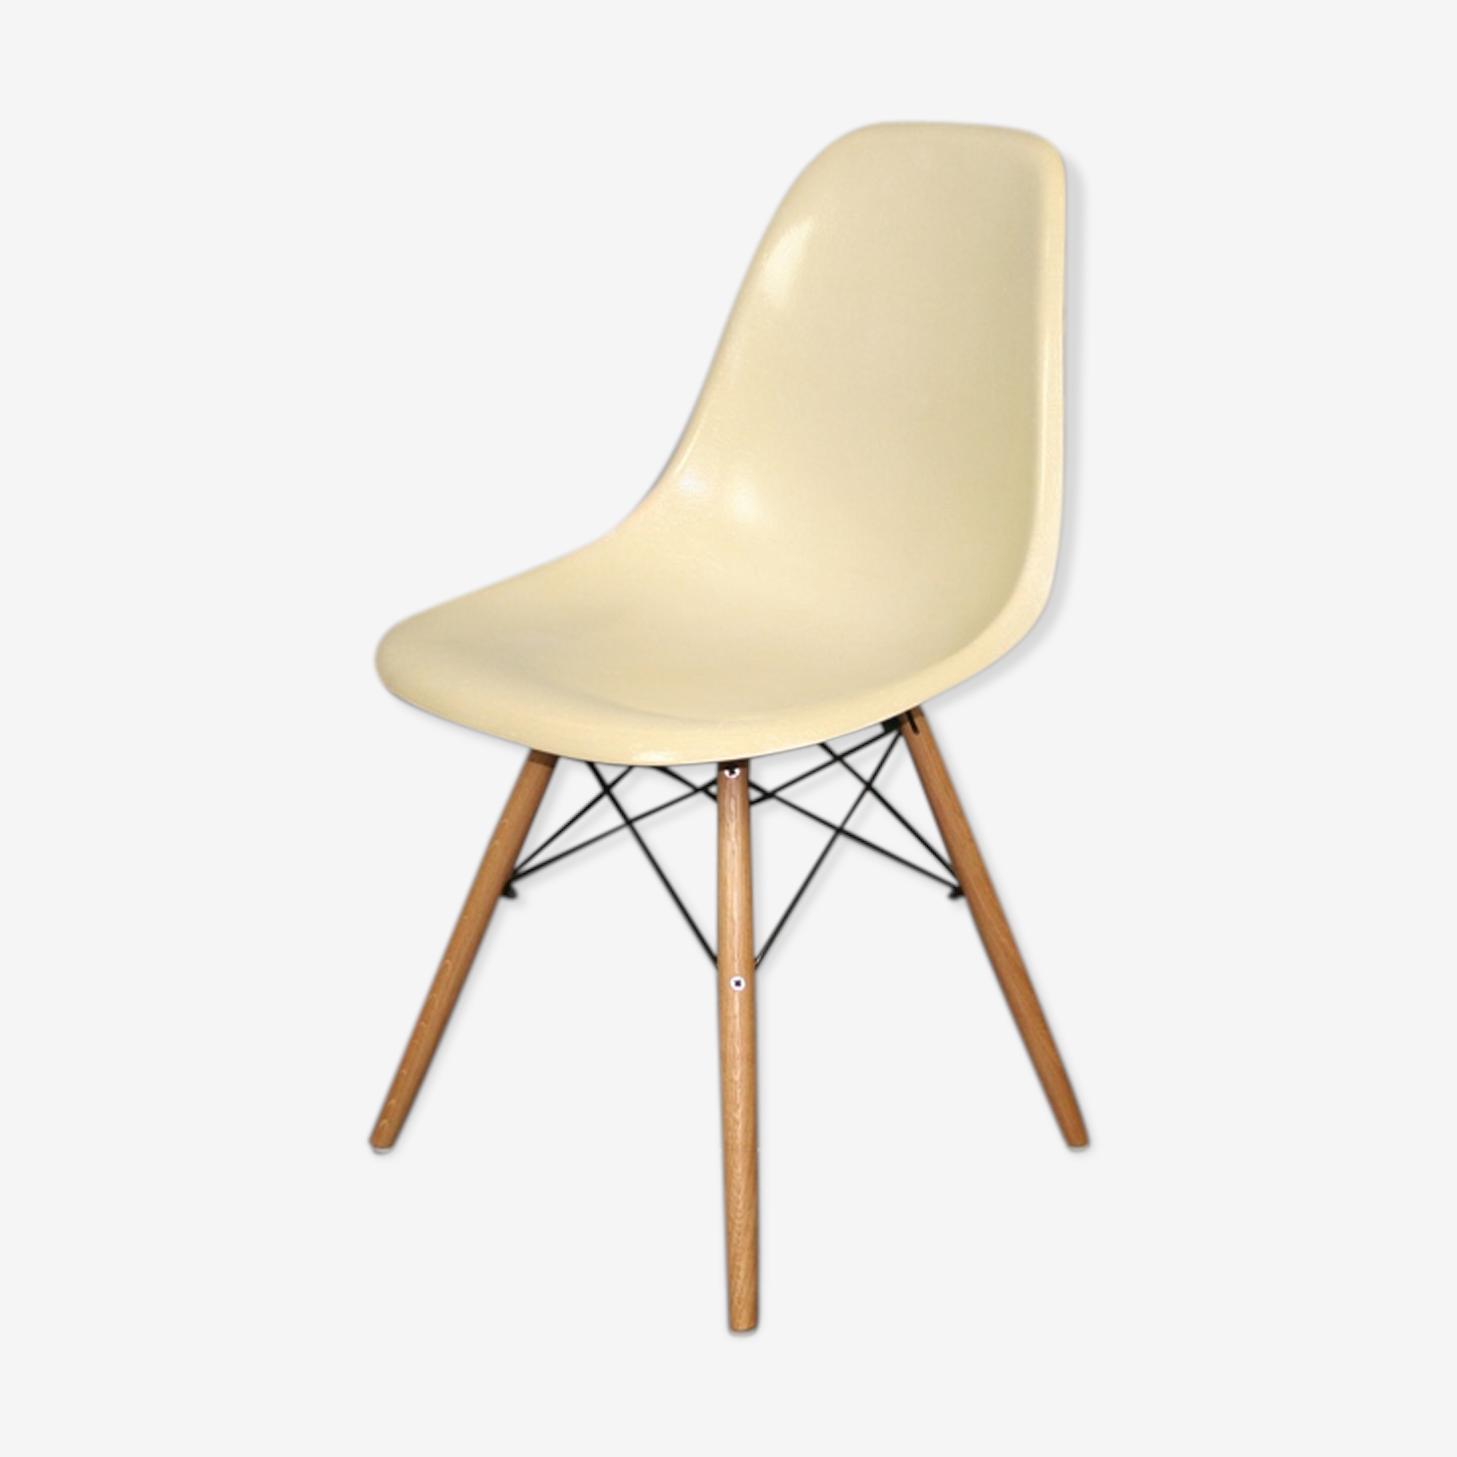 Chaise dsw blanc Eames Herman Miller vintage chêne